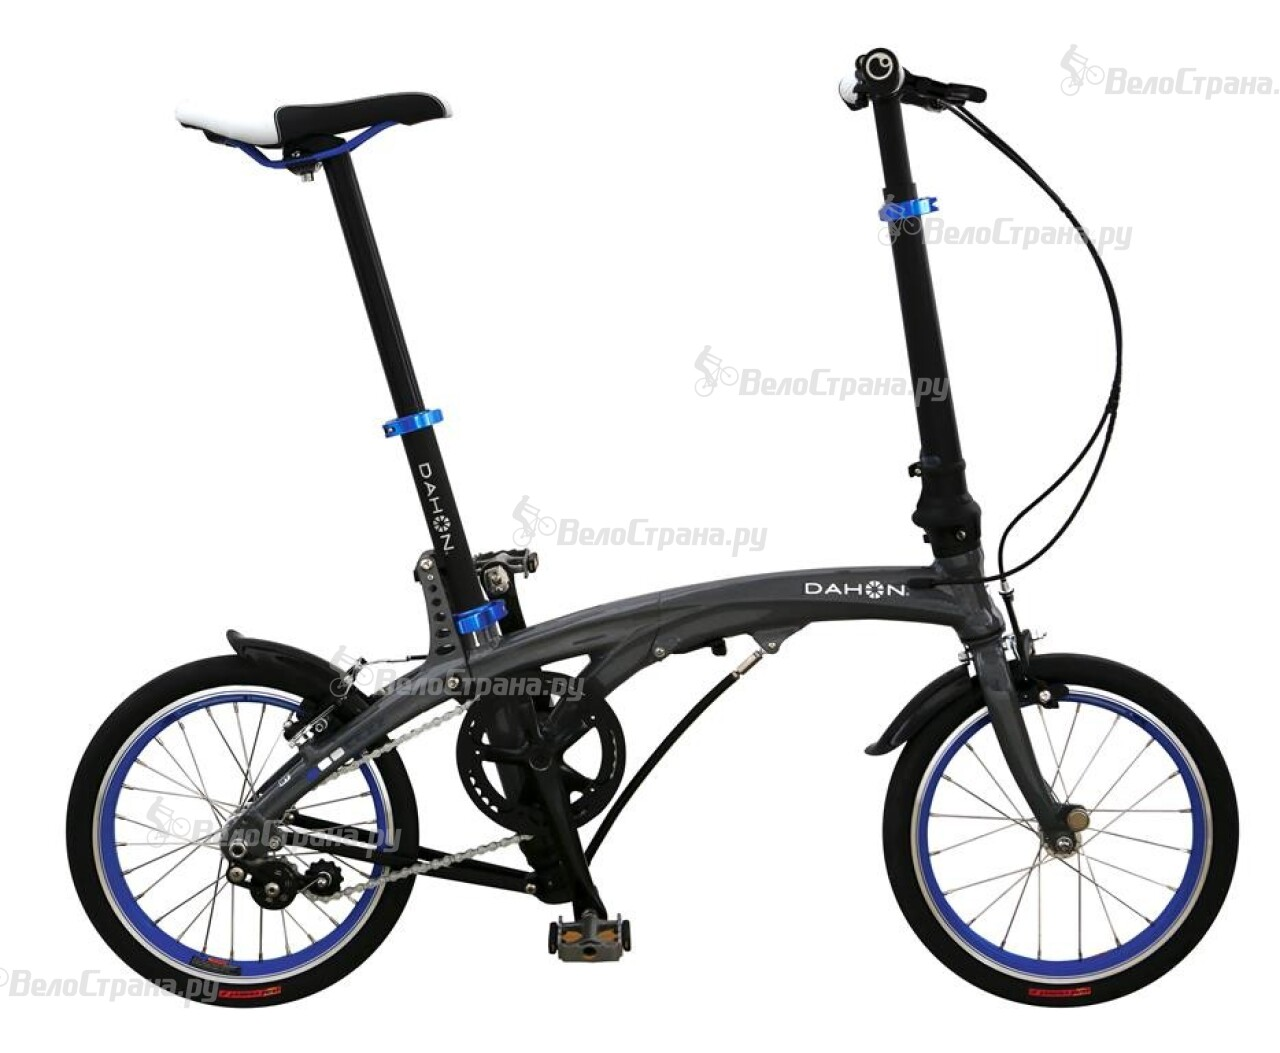 все цены на Велосипед Dahon EEZZ (2014) онлайн